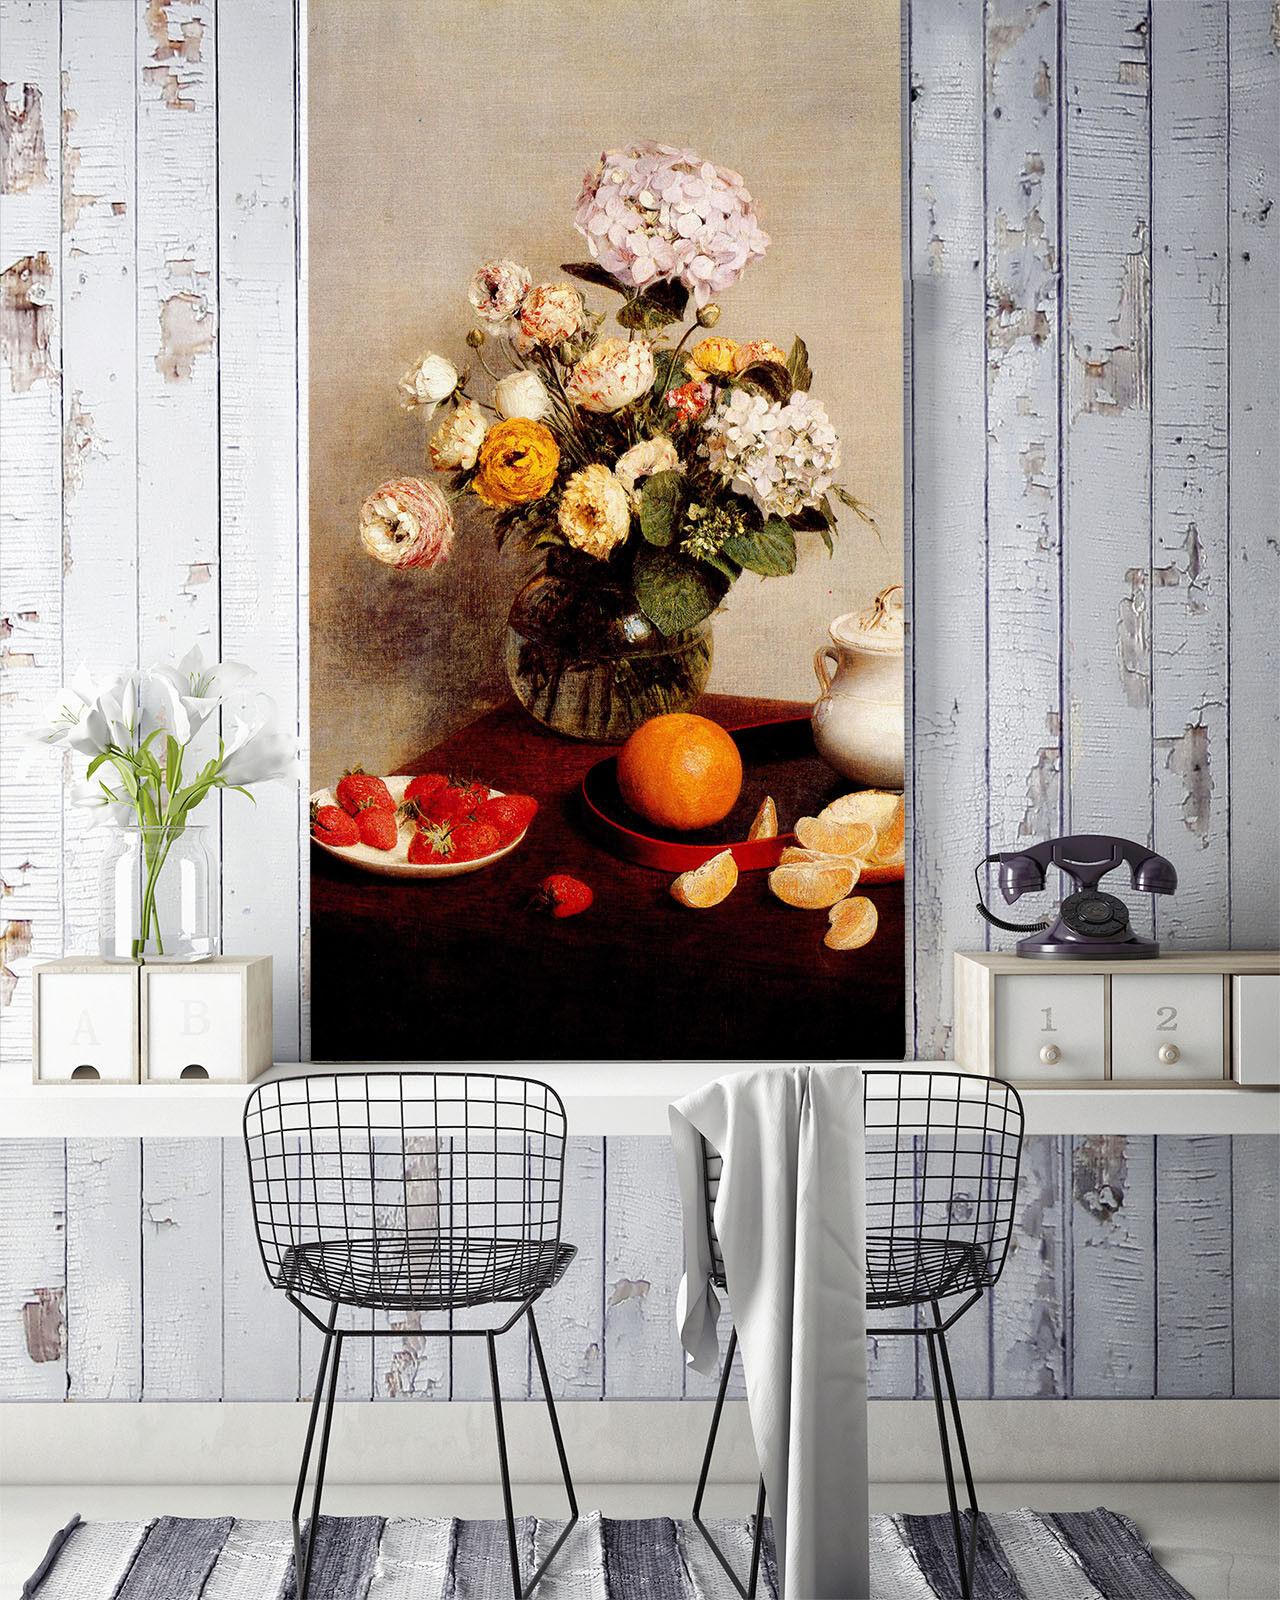 3D Bouquet Fruit 54 Wallpaper Murals Wall Print Wallpaper Mural AJ WALL AU Kyra